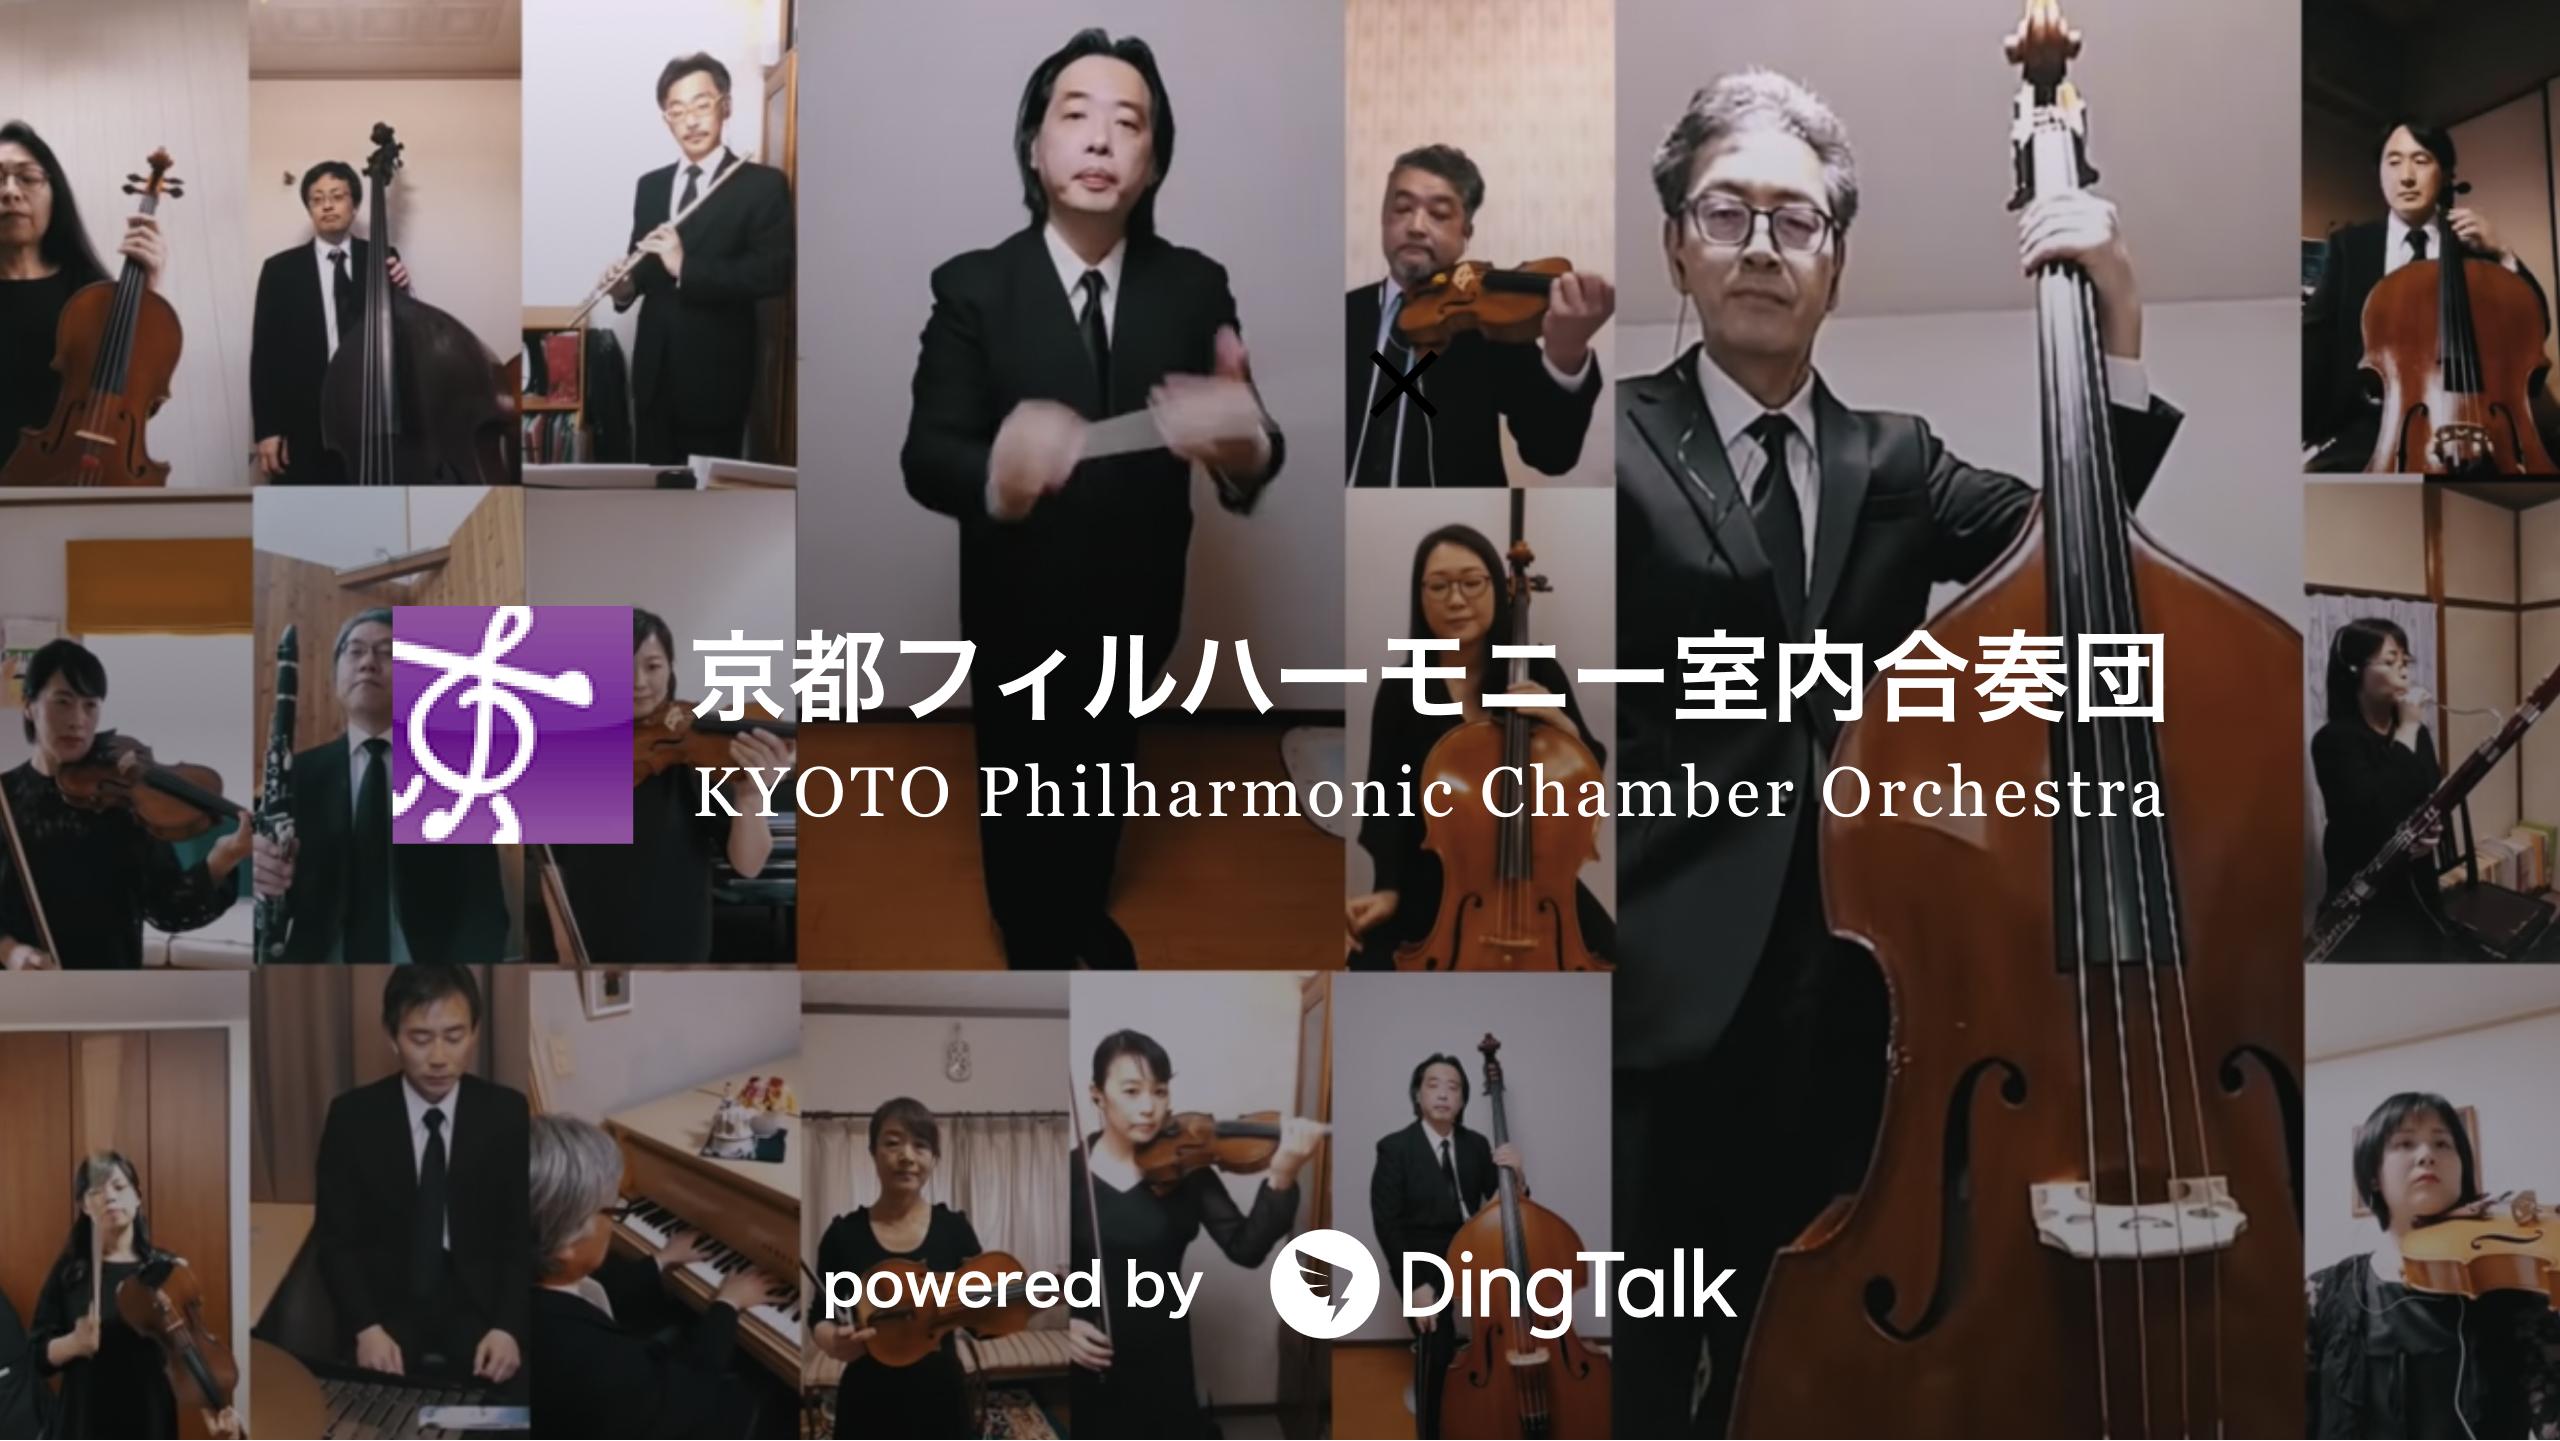 京都フィルハーモニーがリモート演奏に挑戦、アリババのDingTalk活用でオンライン録音スタジオのような一体感を醸成